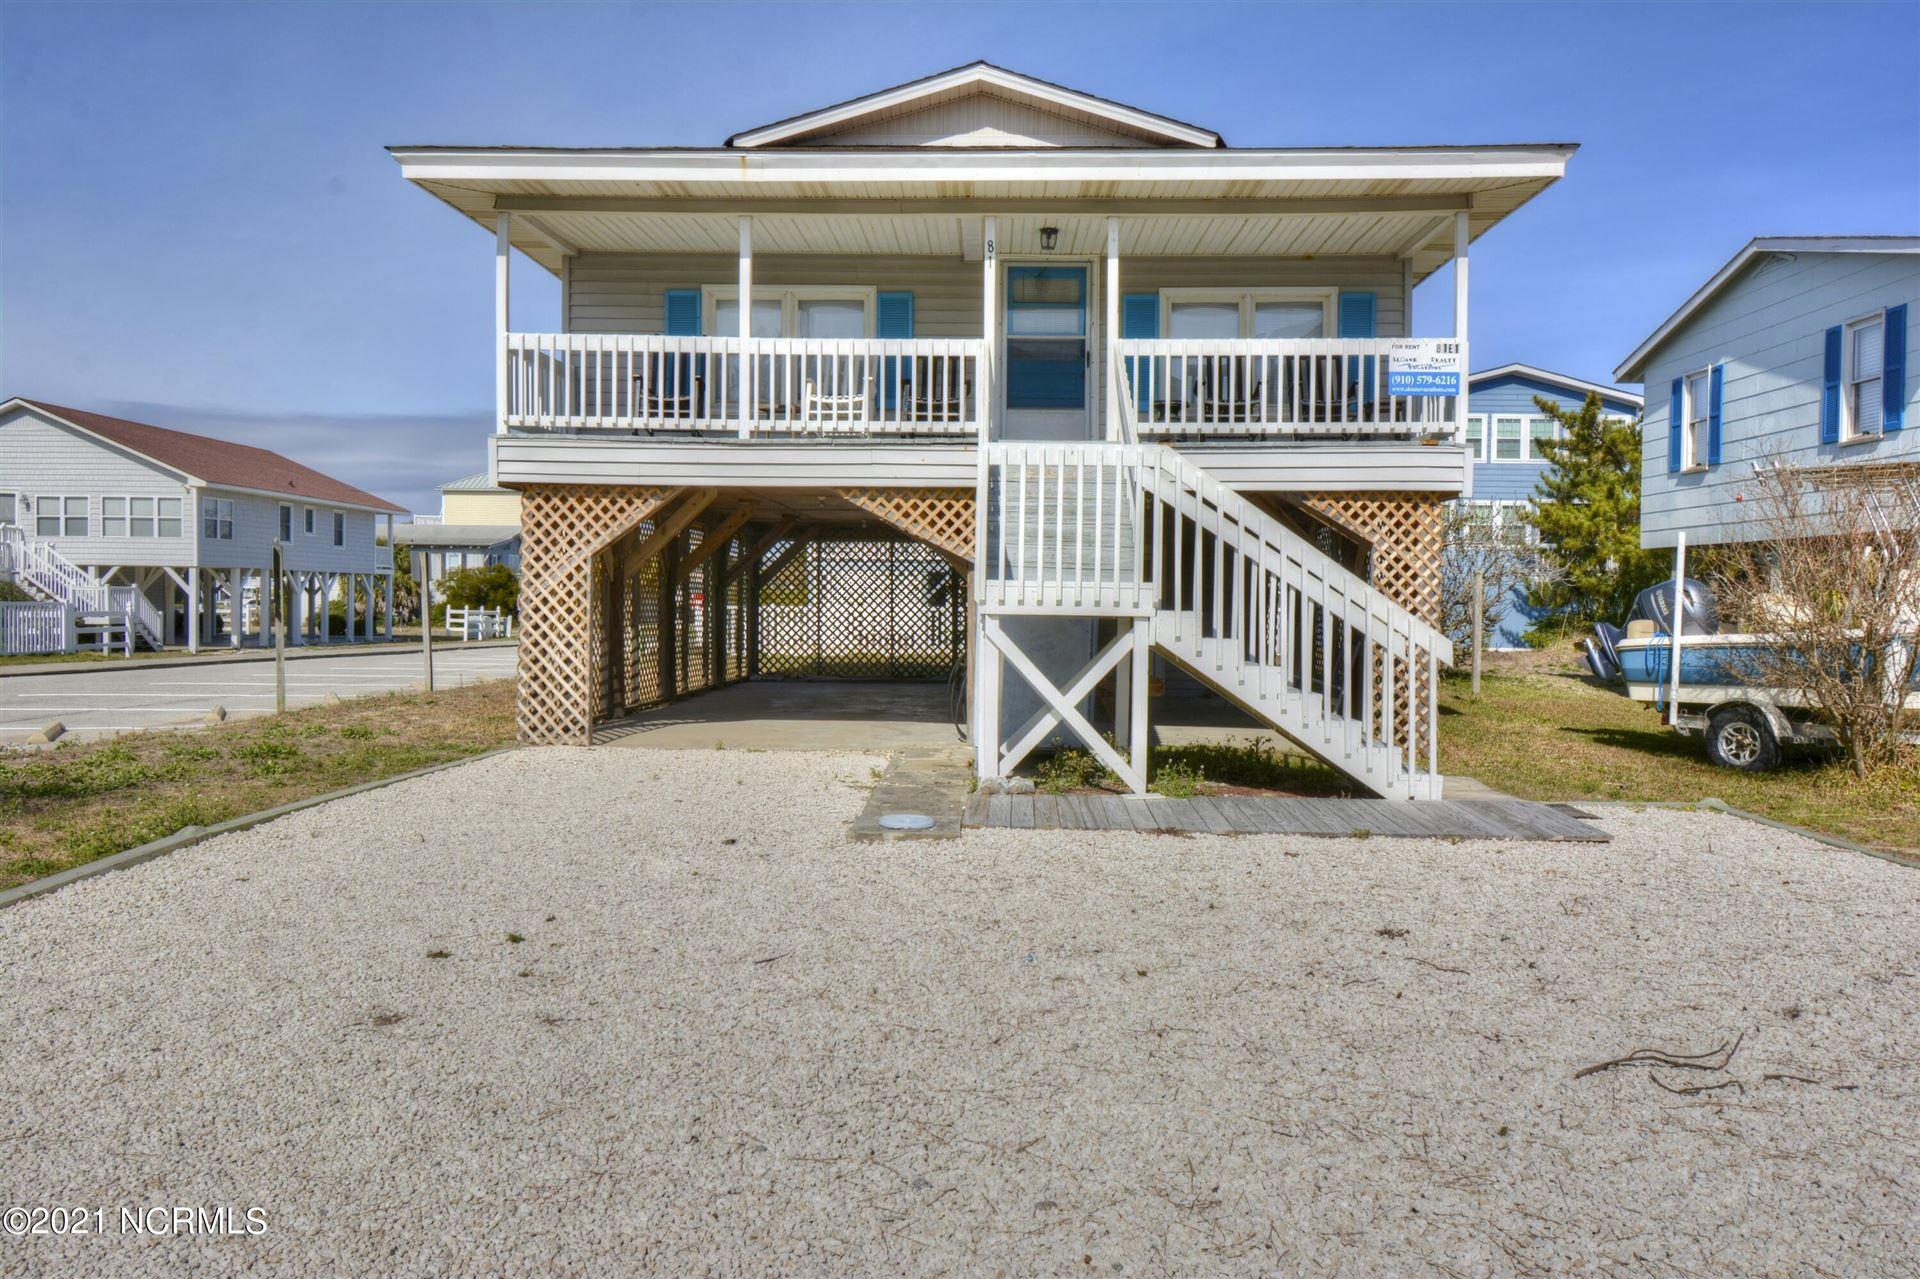 Photo of 81 E First Street, Ocean Isle Beach, NC 28469 (MLS # 100296862)